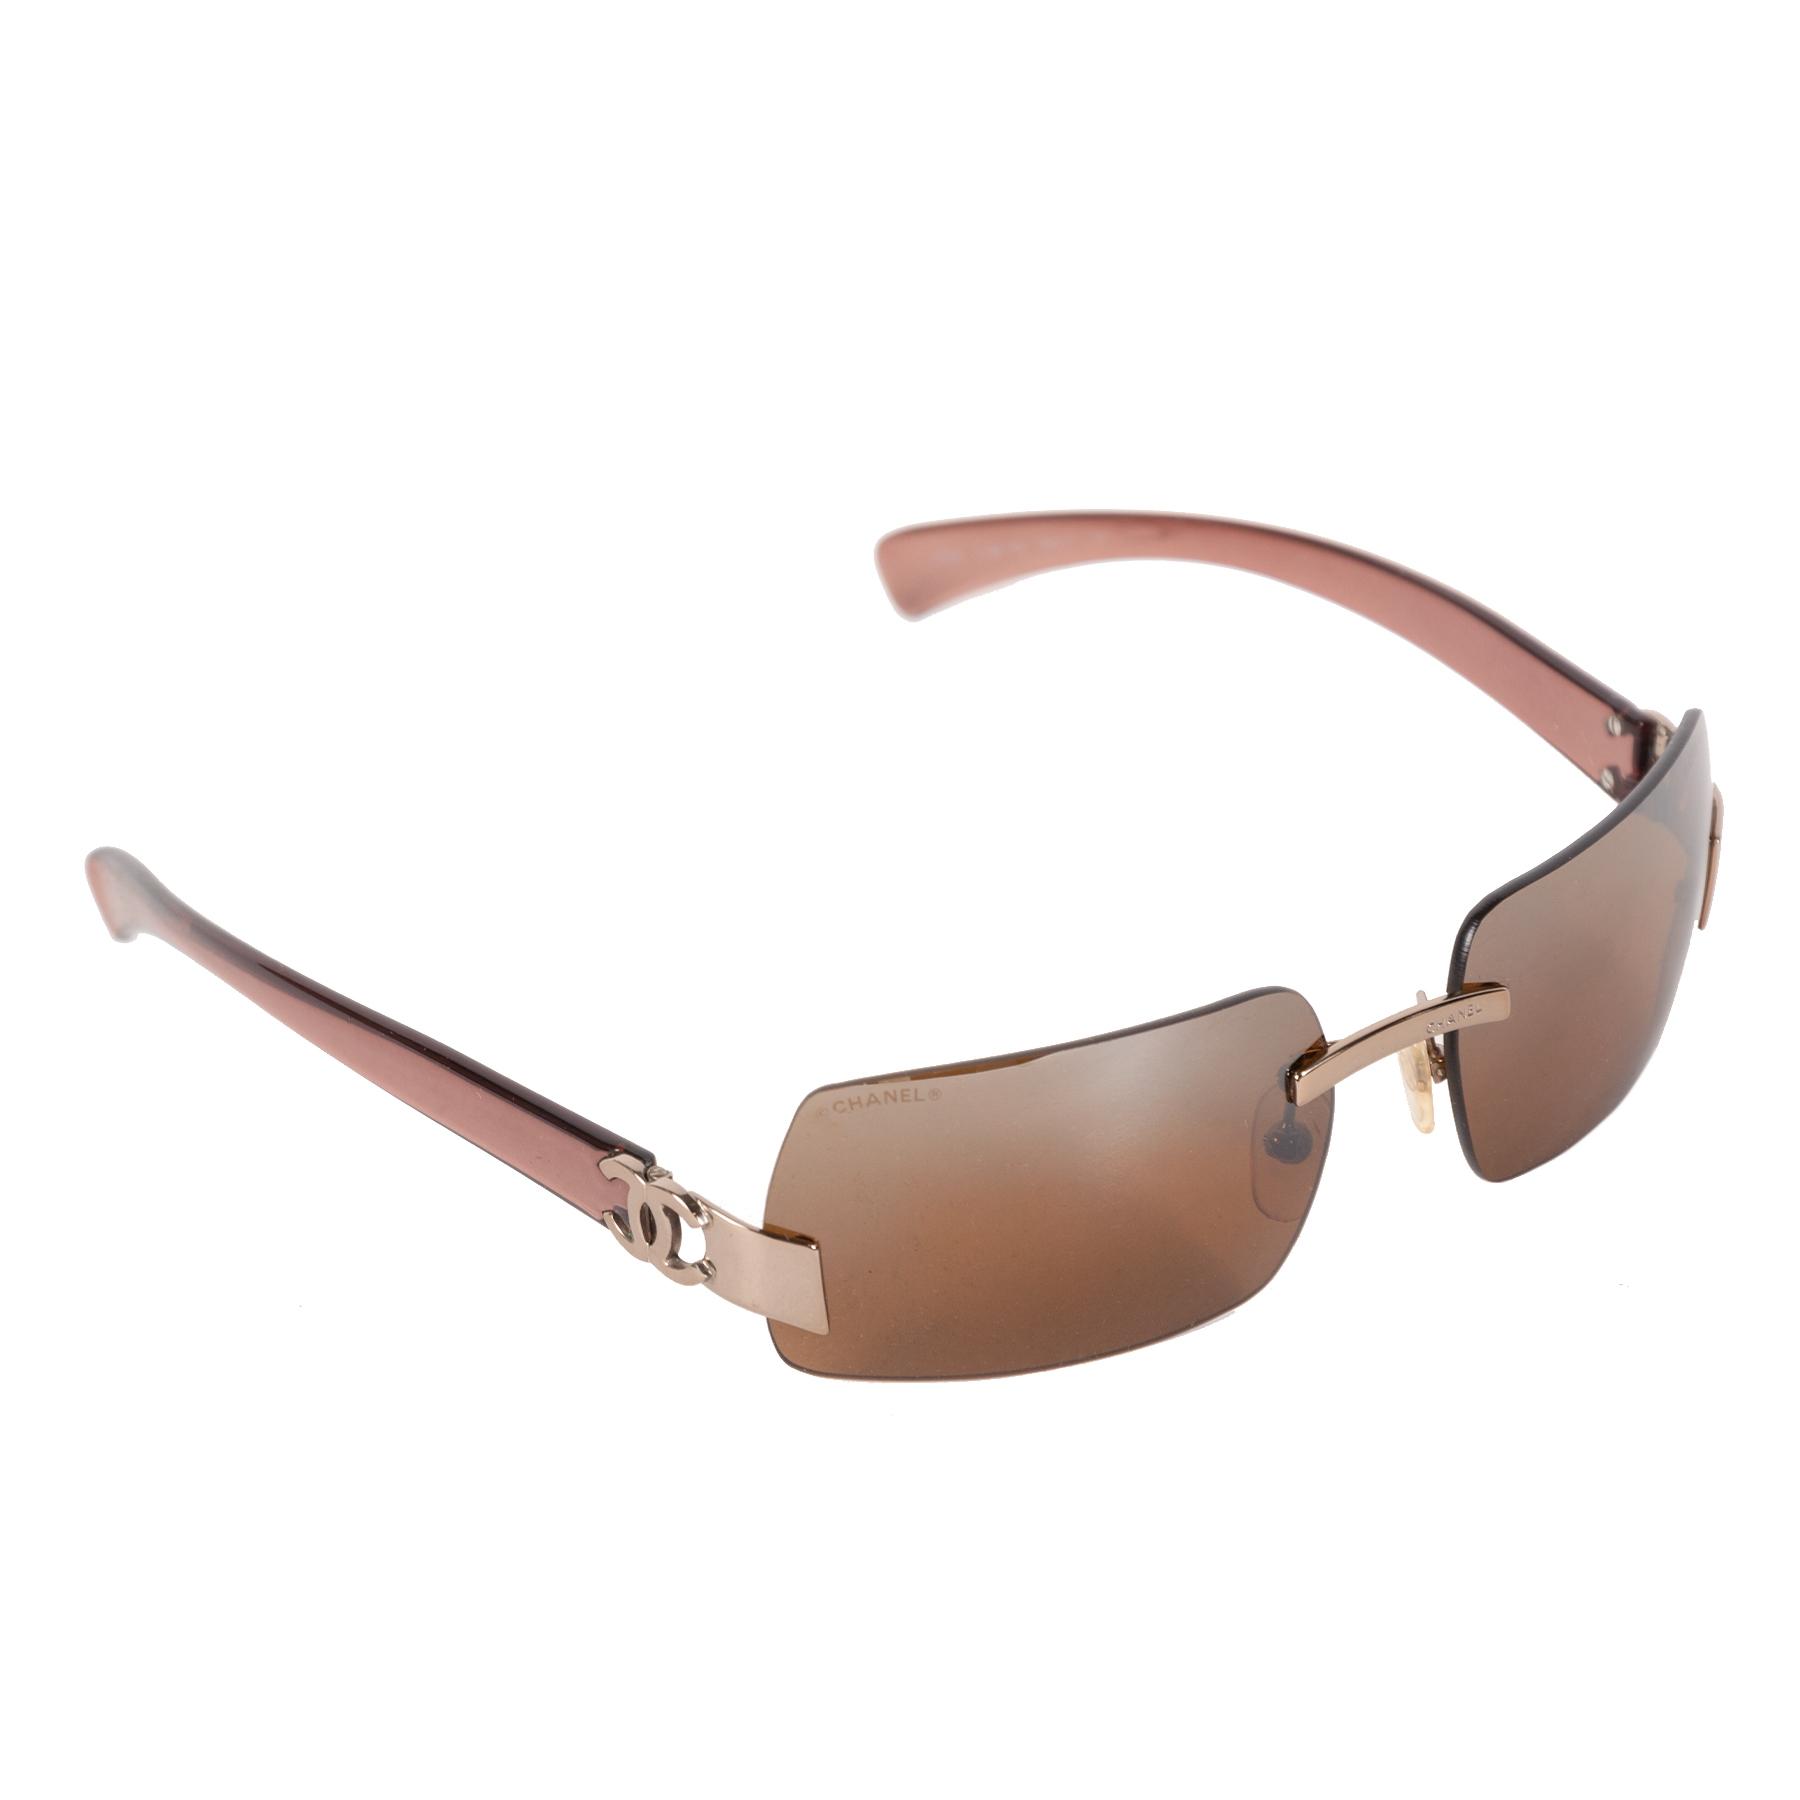 Authentieke Tweedehands Chanel Brown Silver Rimless Sunglasses juiste prijs veilig online shoppen luxe merken webshop winkelen Antwerpen België mode fashion